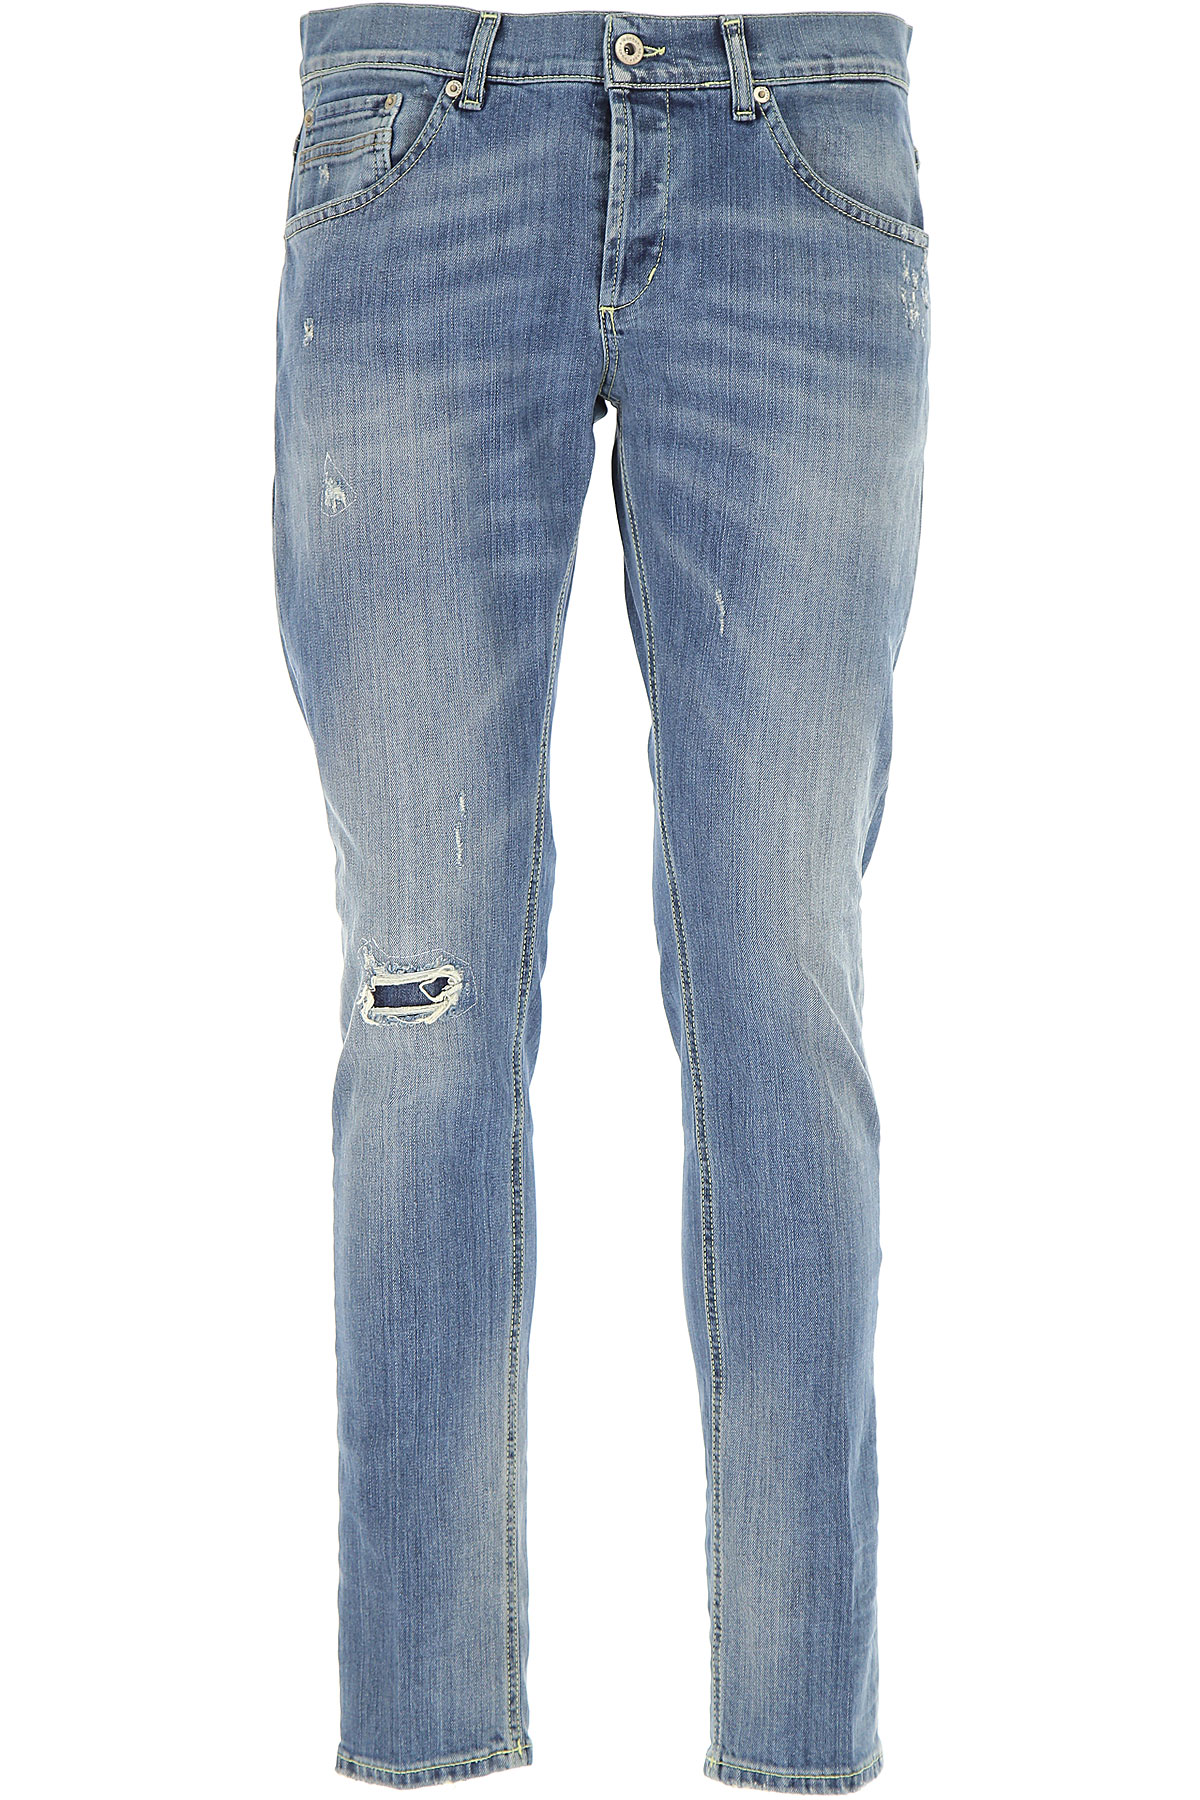 Dondup Jeans, Denim Blue, Cotton, 2017, 31 32 33 34 35 36